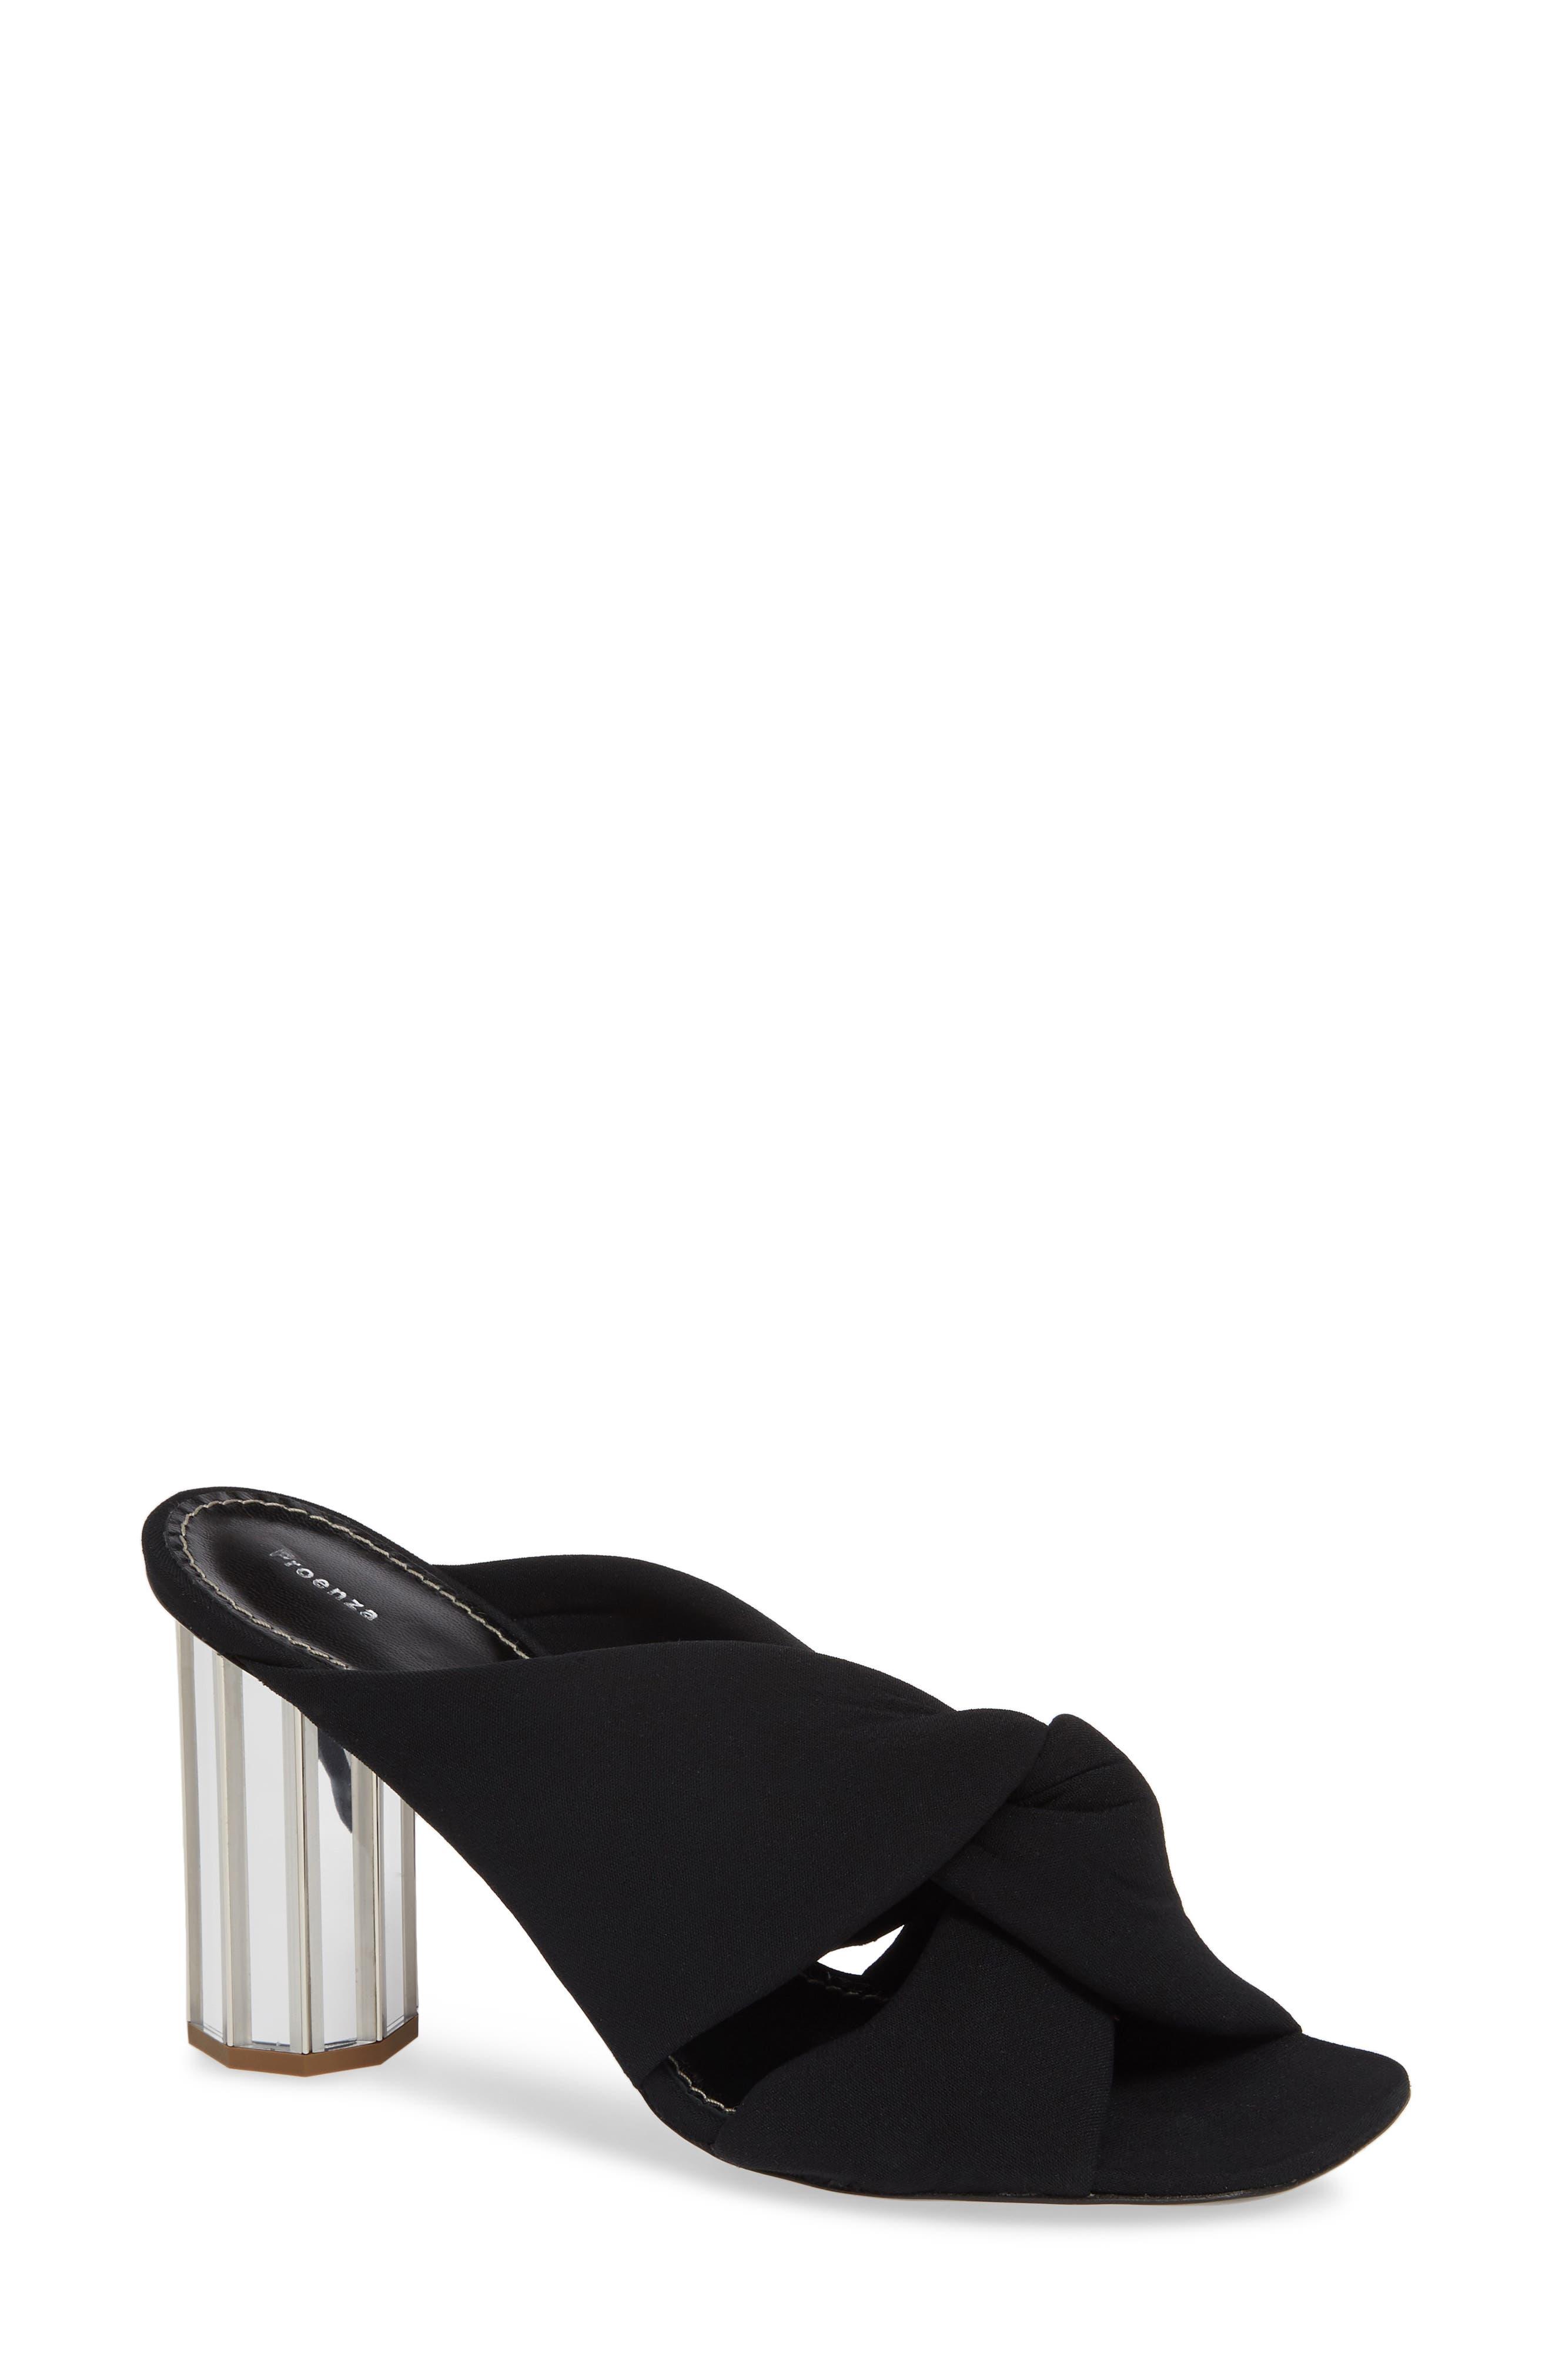 Proenza Schouler Knotted Slide Sandal, Black